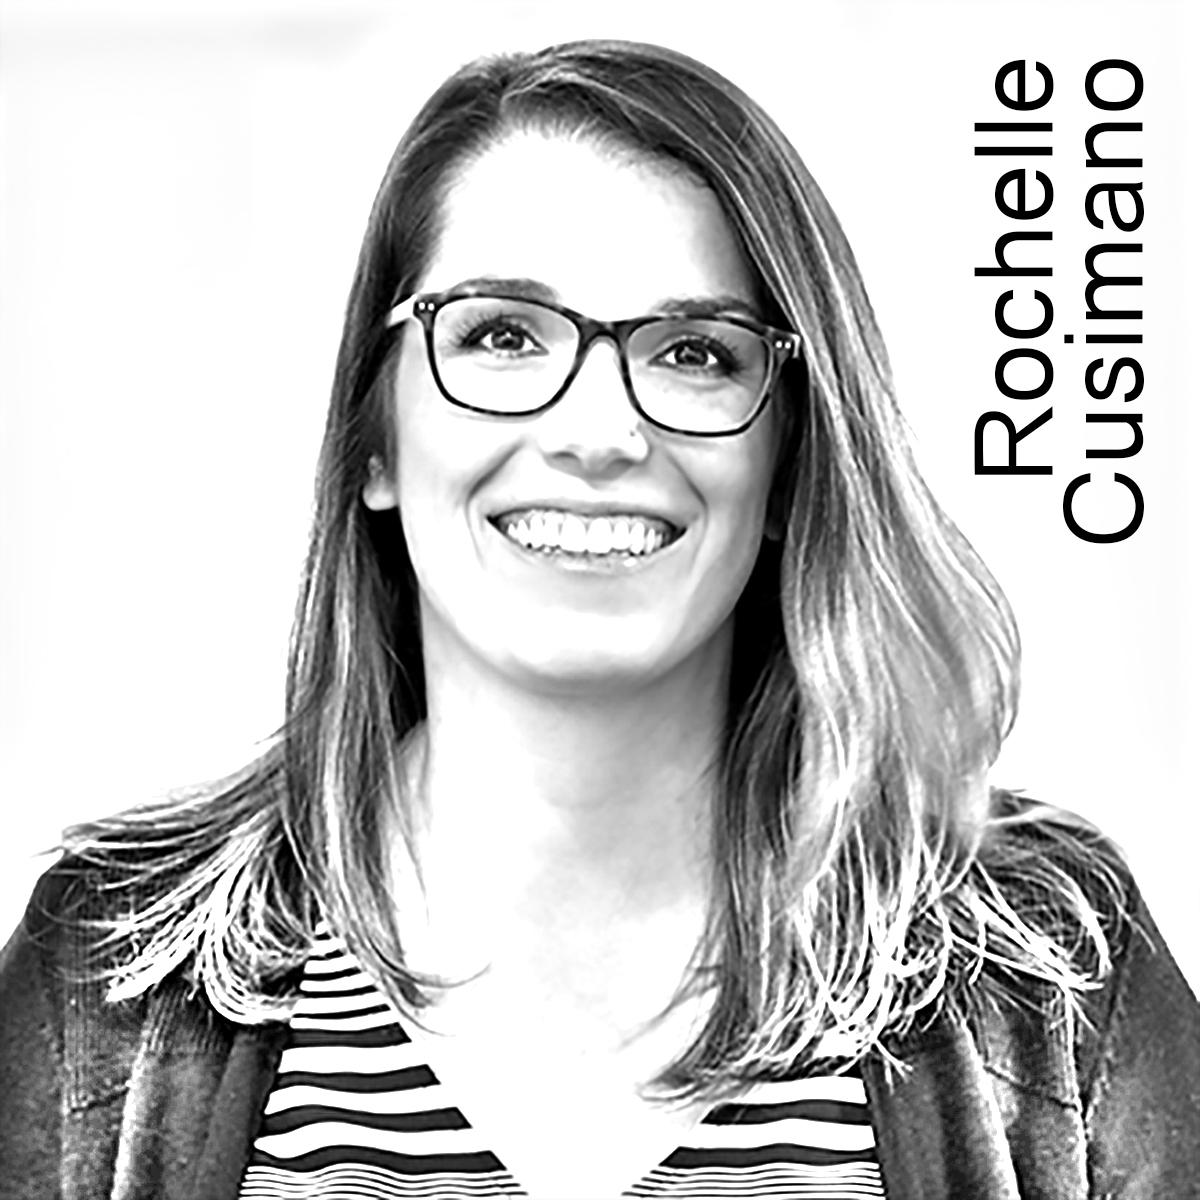 rochelle_cusimano_square_copy1.jpg